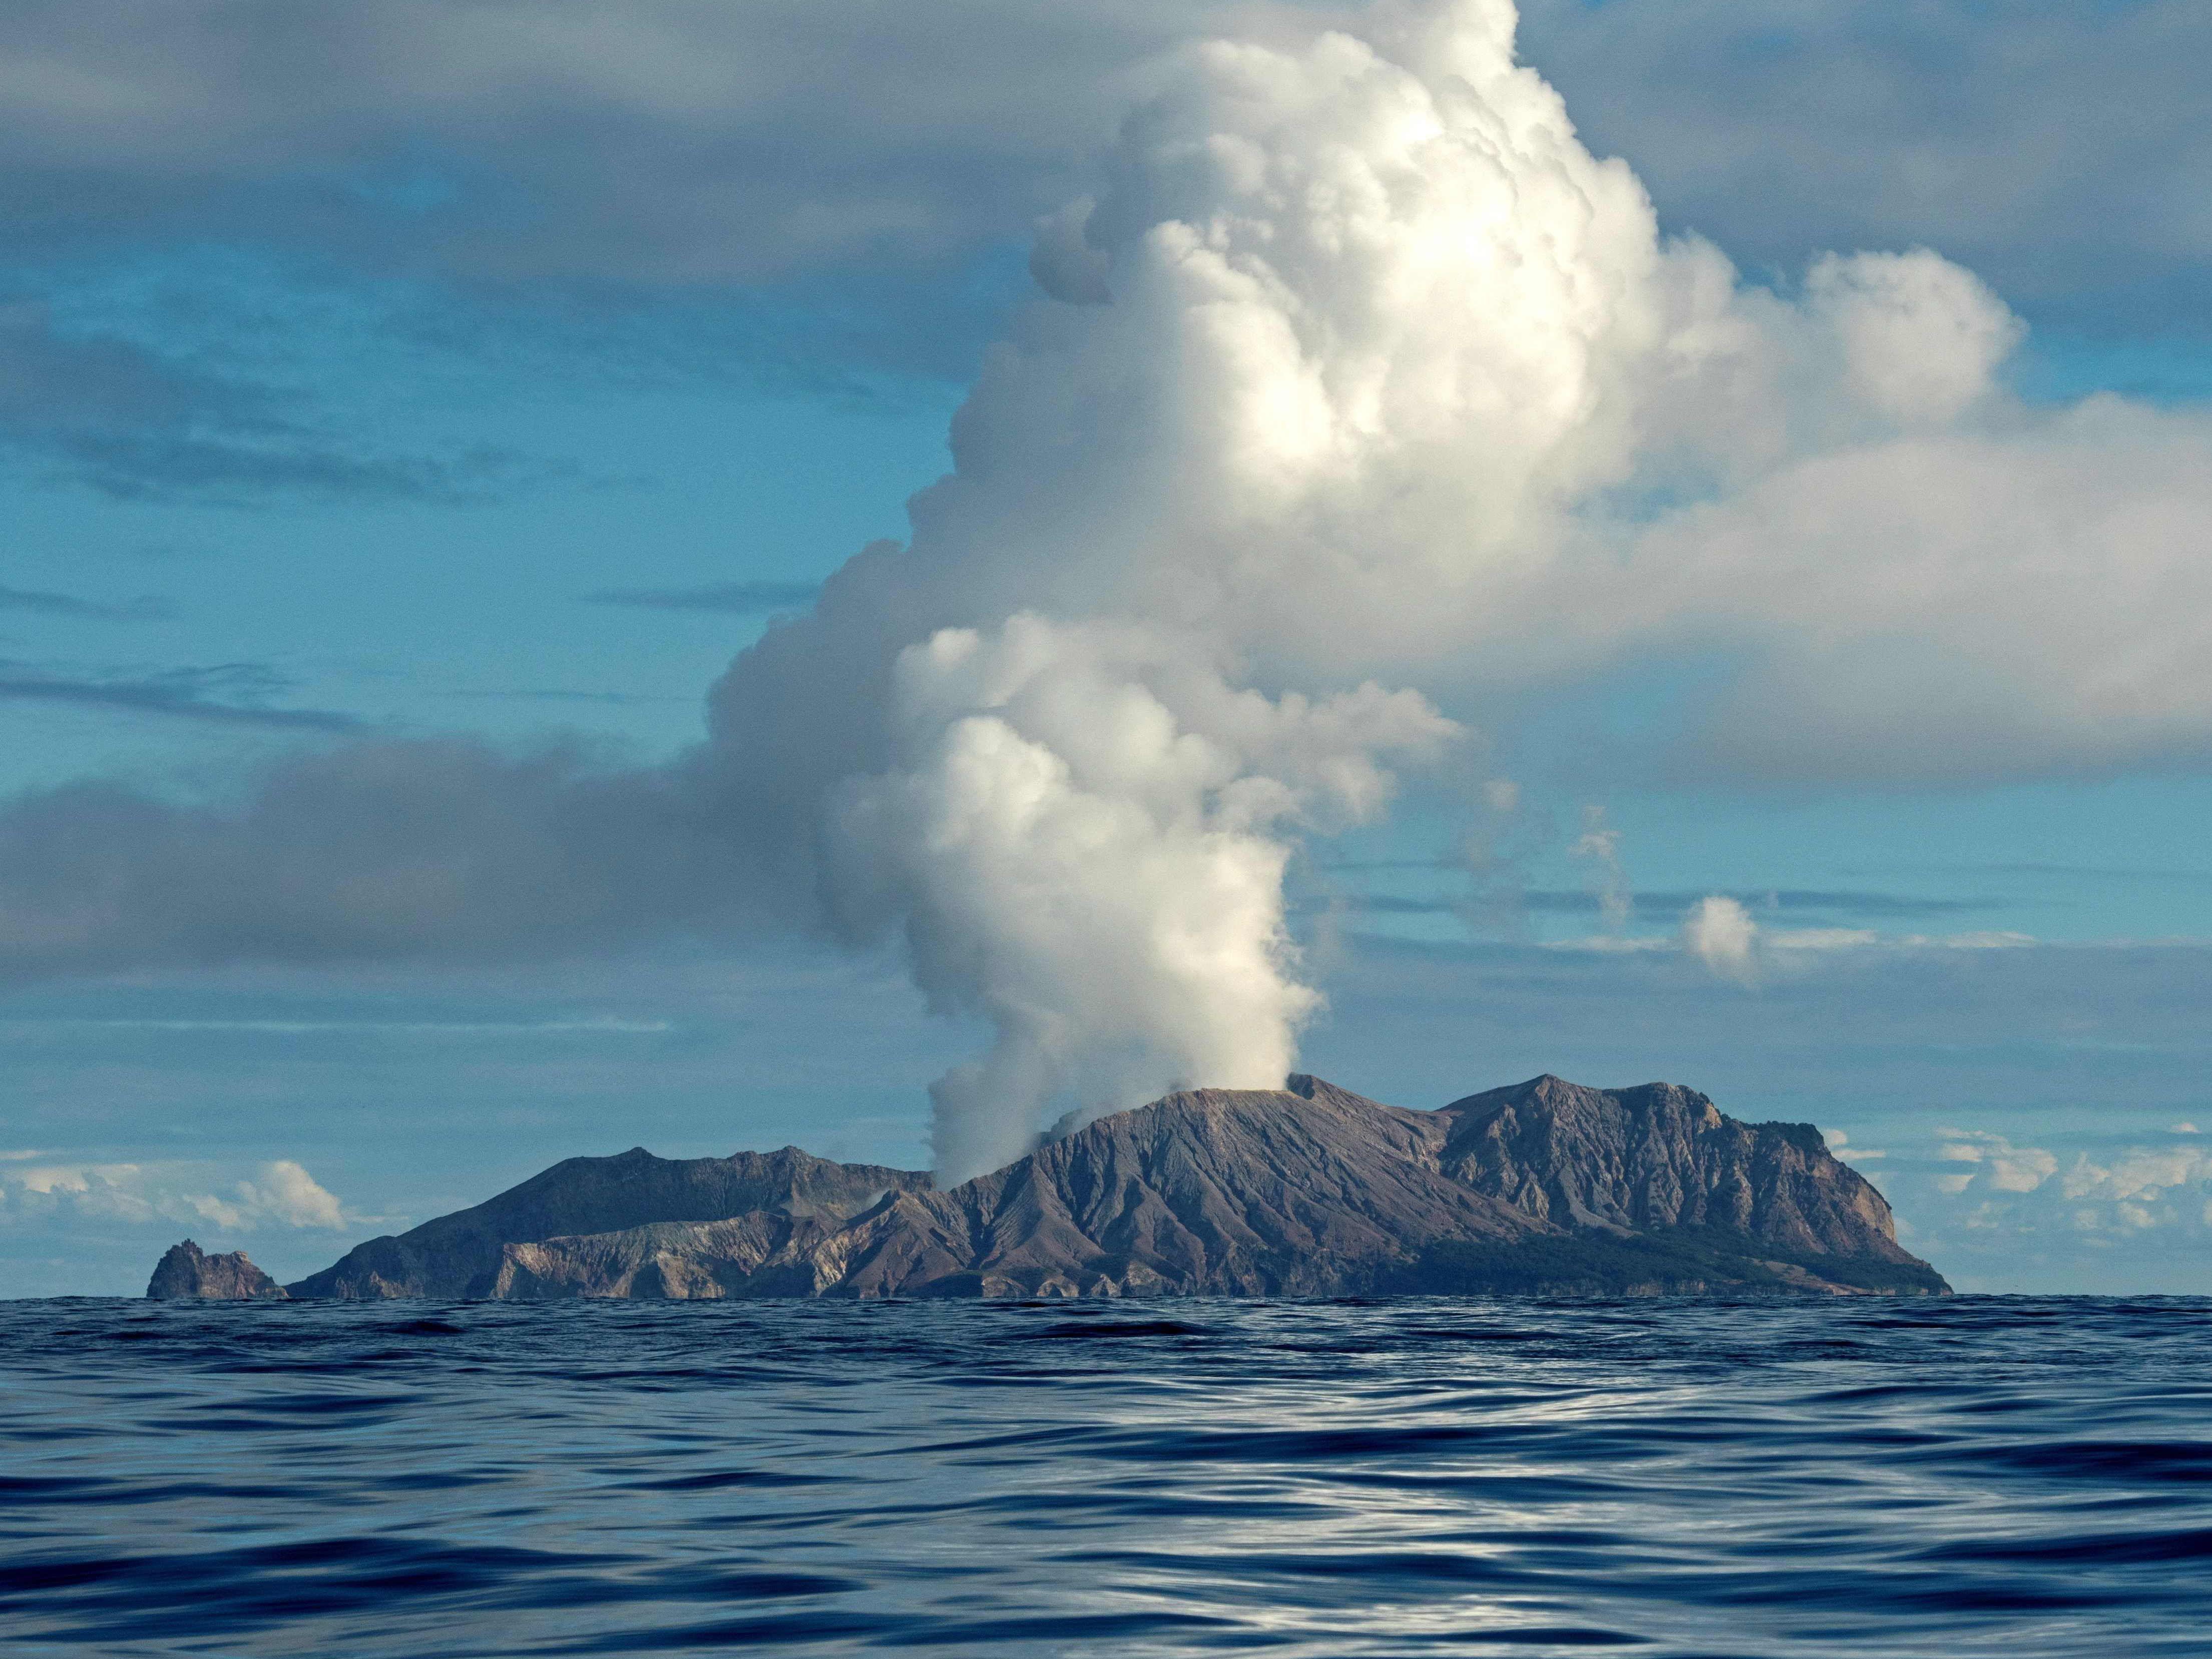 Vulkanausbruch auf White Island in Neuseeland: Vermisste und Verletzte